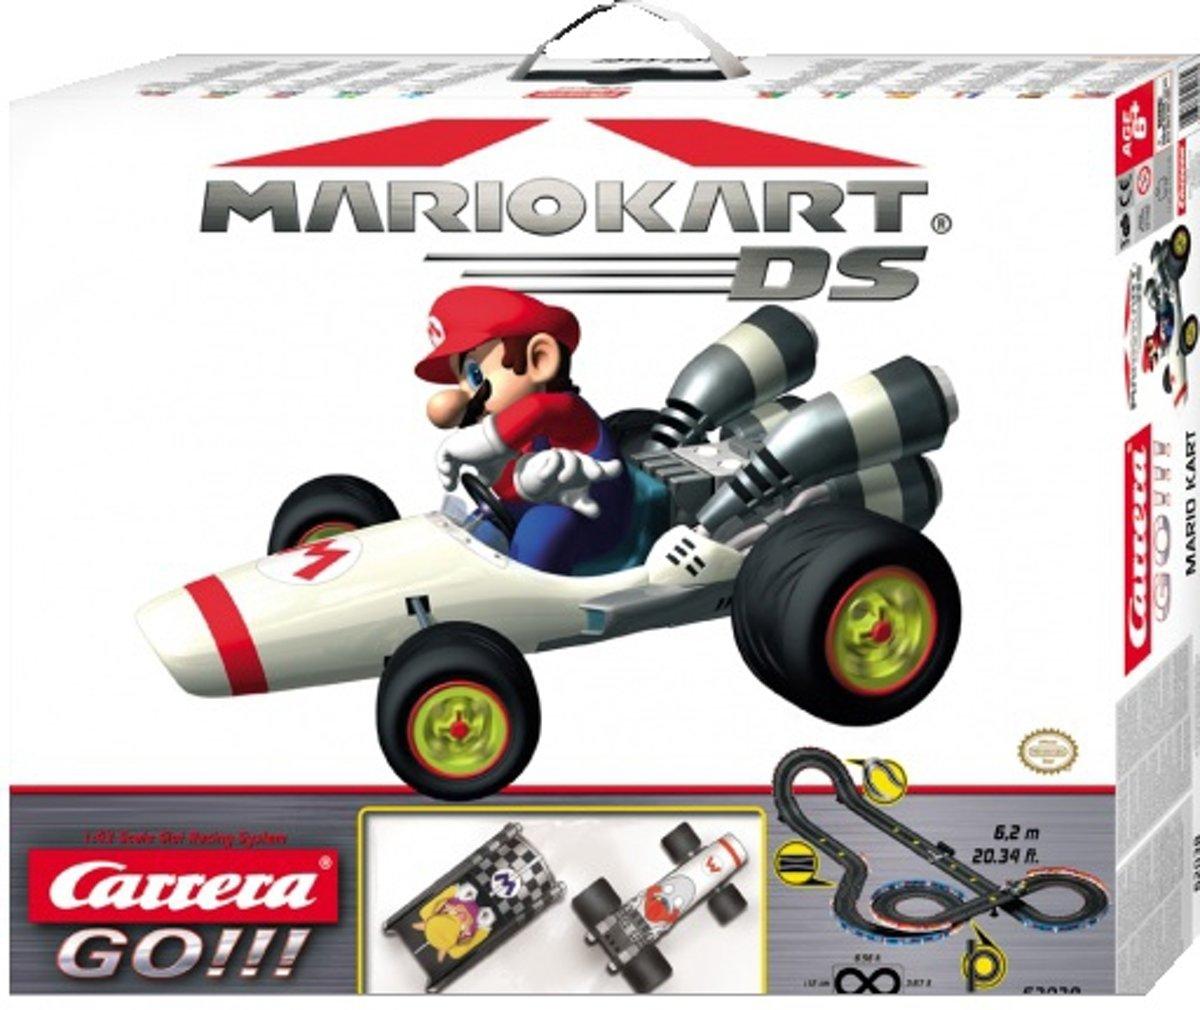 Carrera GO!!! Mario Kart DS - Racebaan